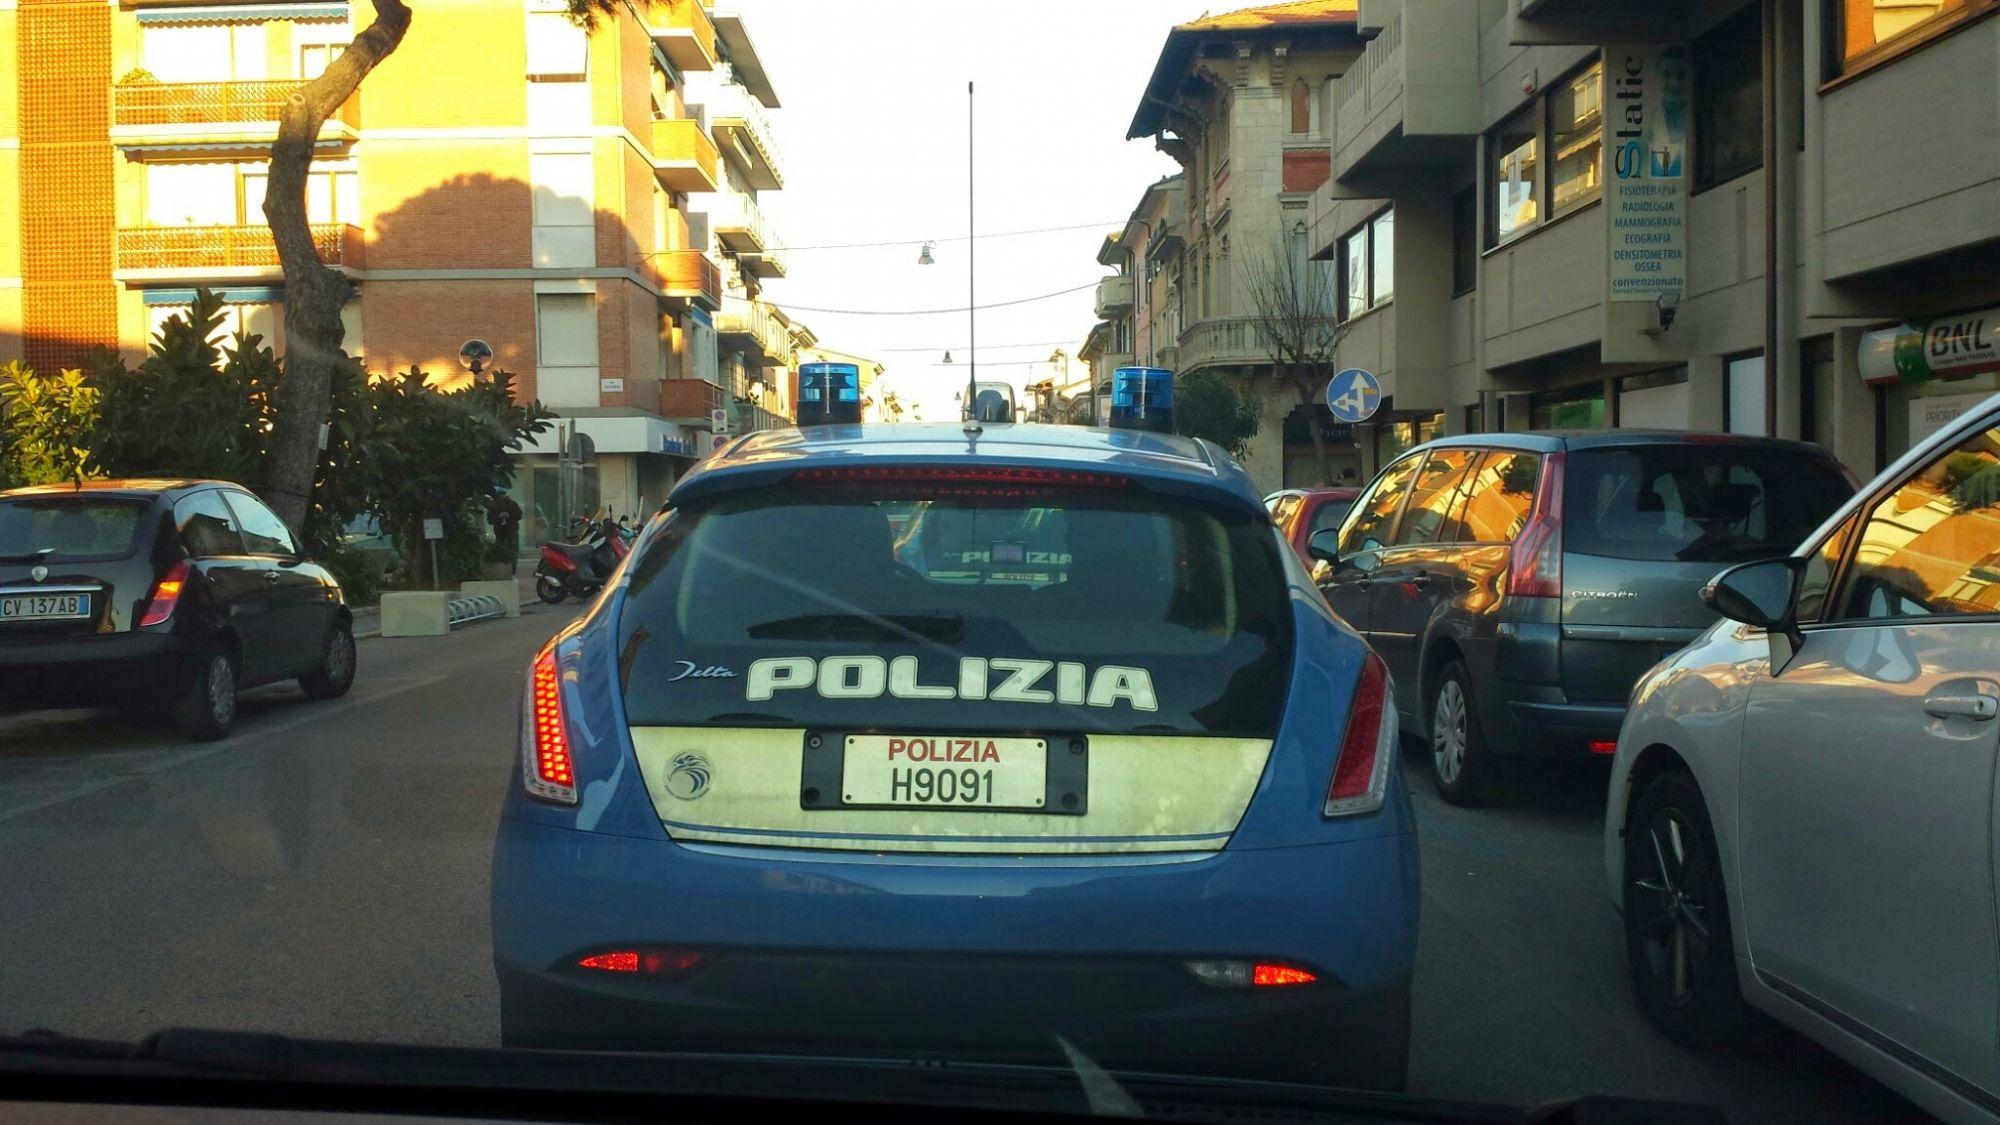 """La Lega: """"Basta dire che a Viareggio non c'è mafia e non ci sono delinquenti"""""""